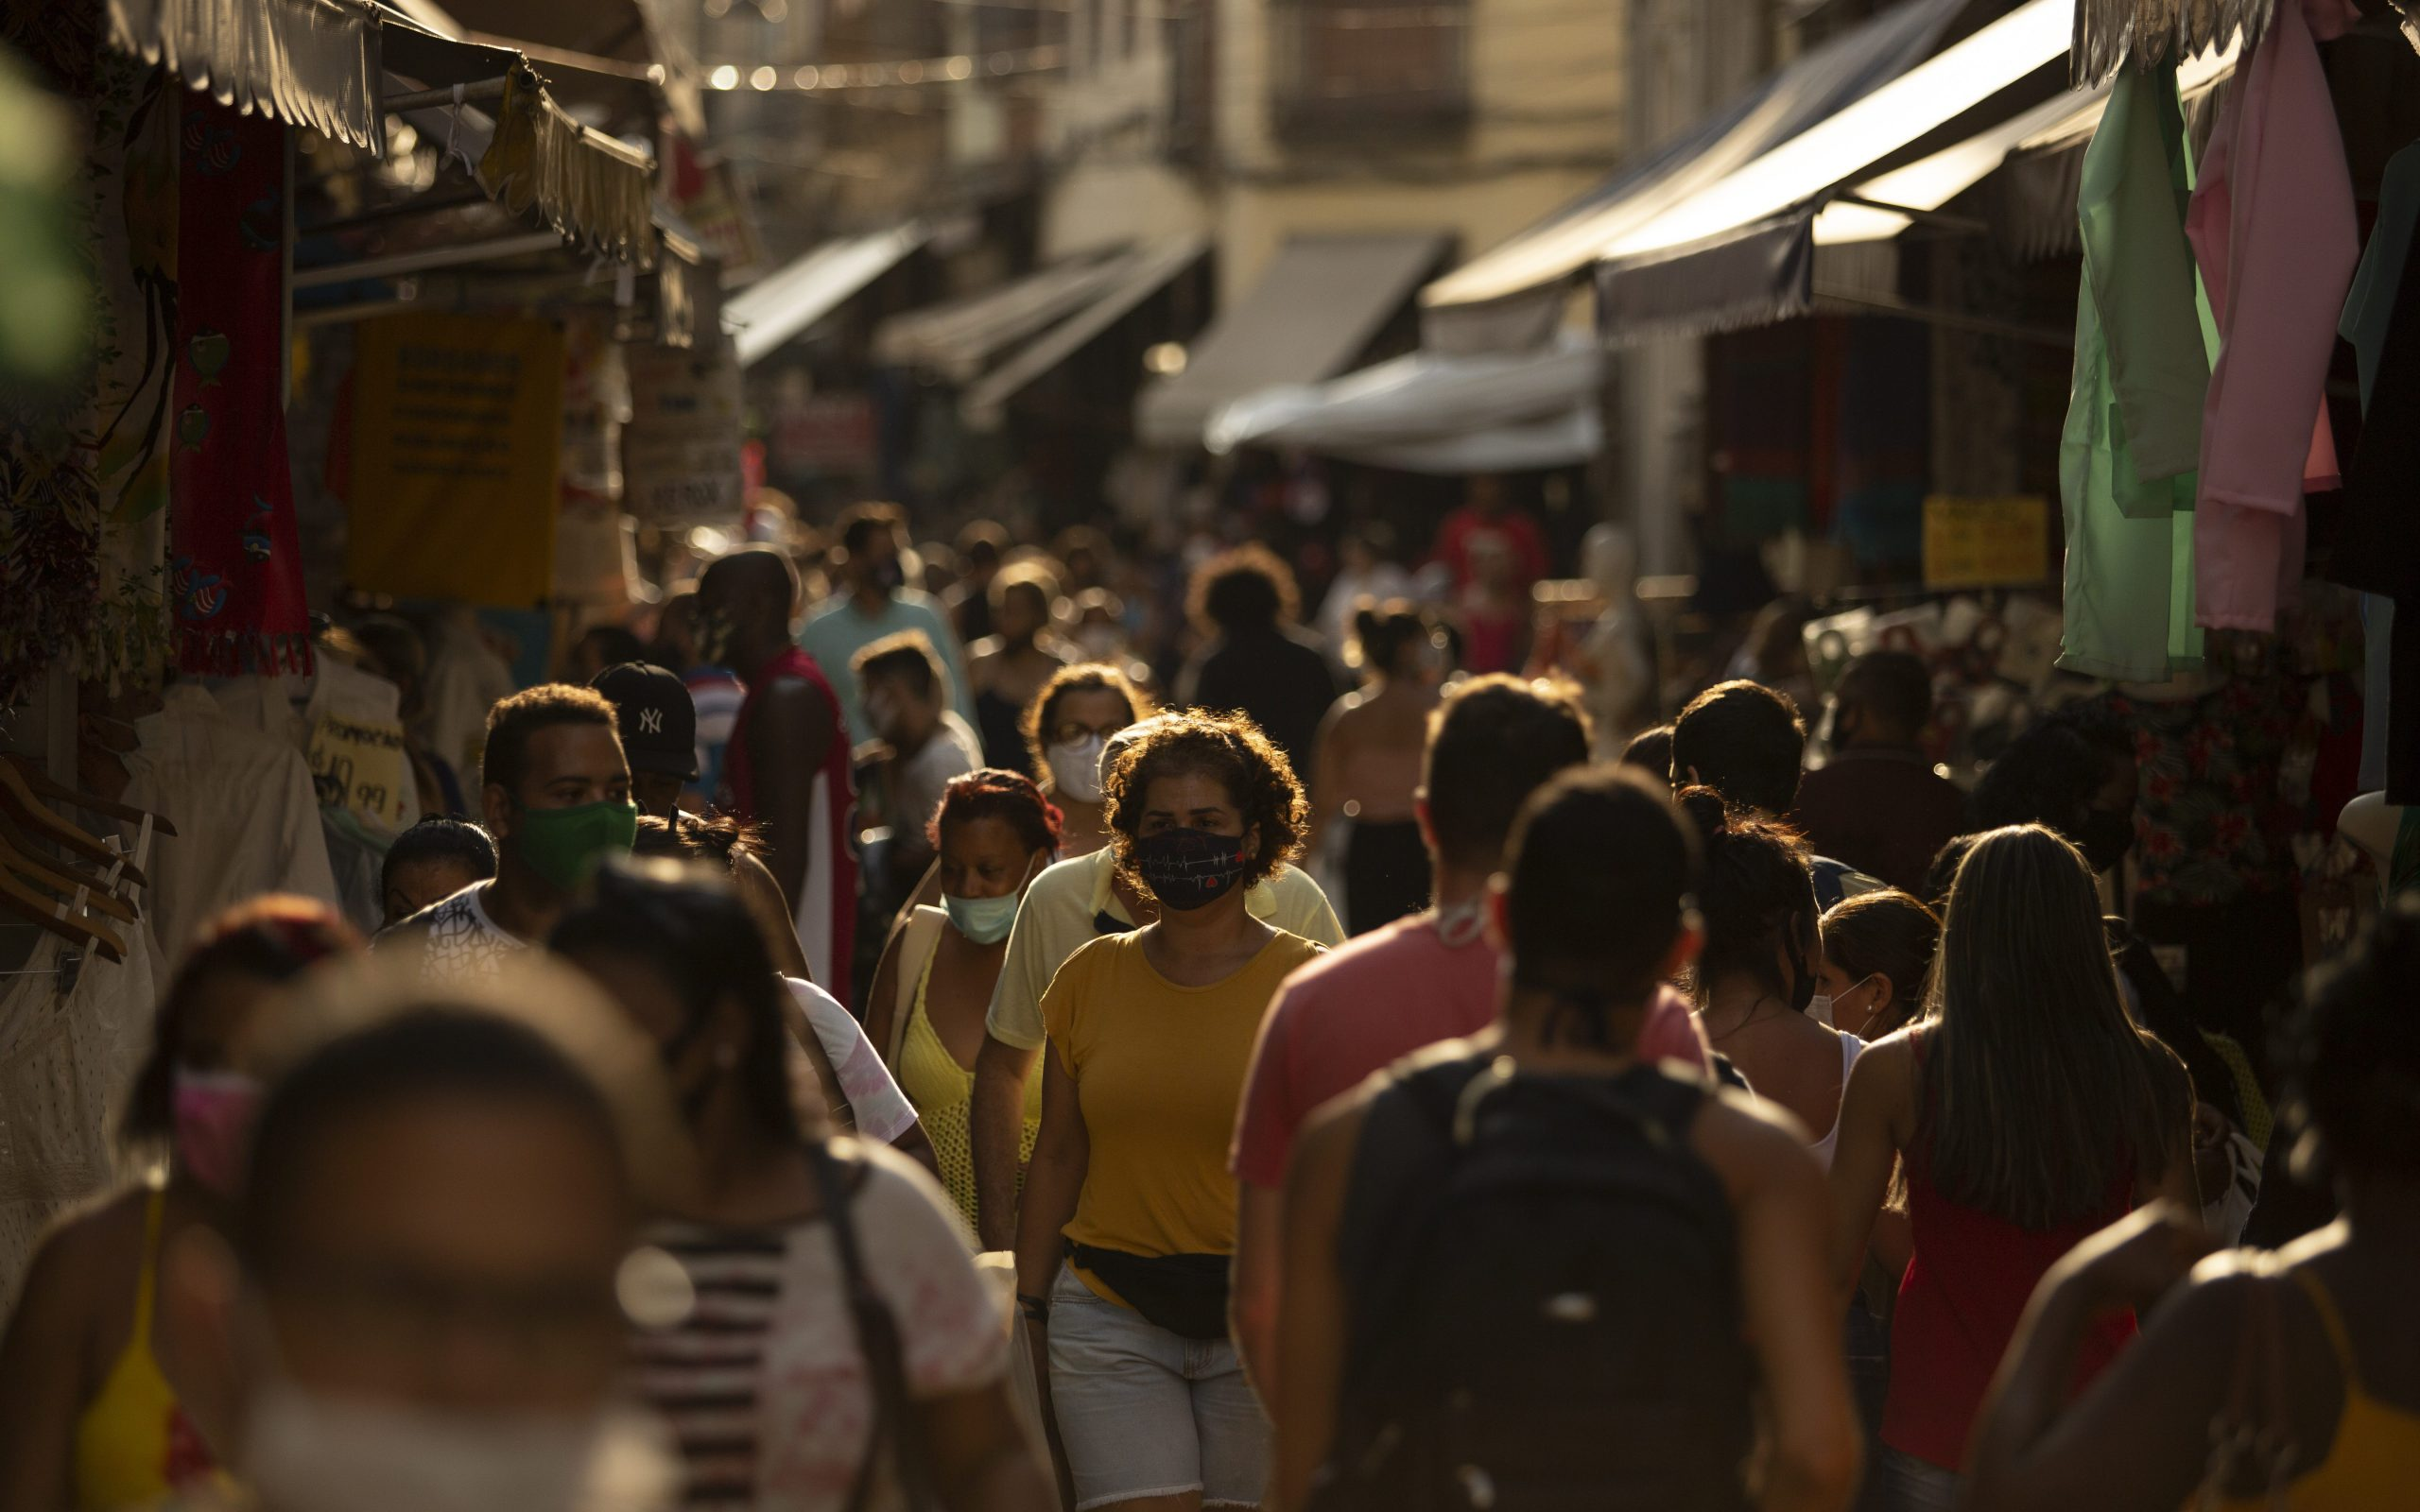 Pessoas caminham no Saara, centro de comércio popular no Rio de Janeiro